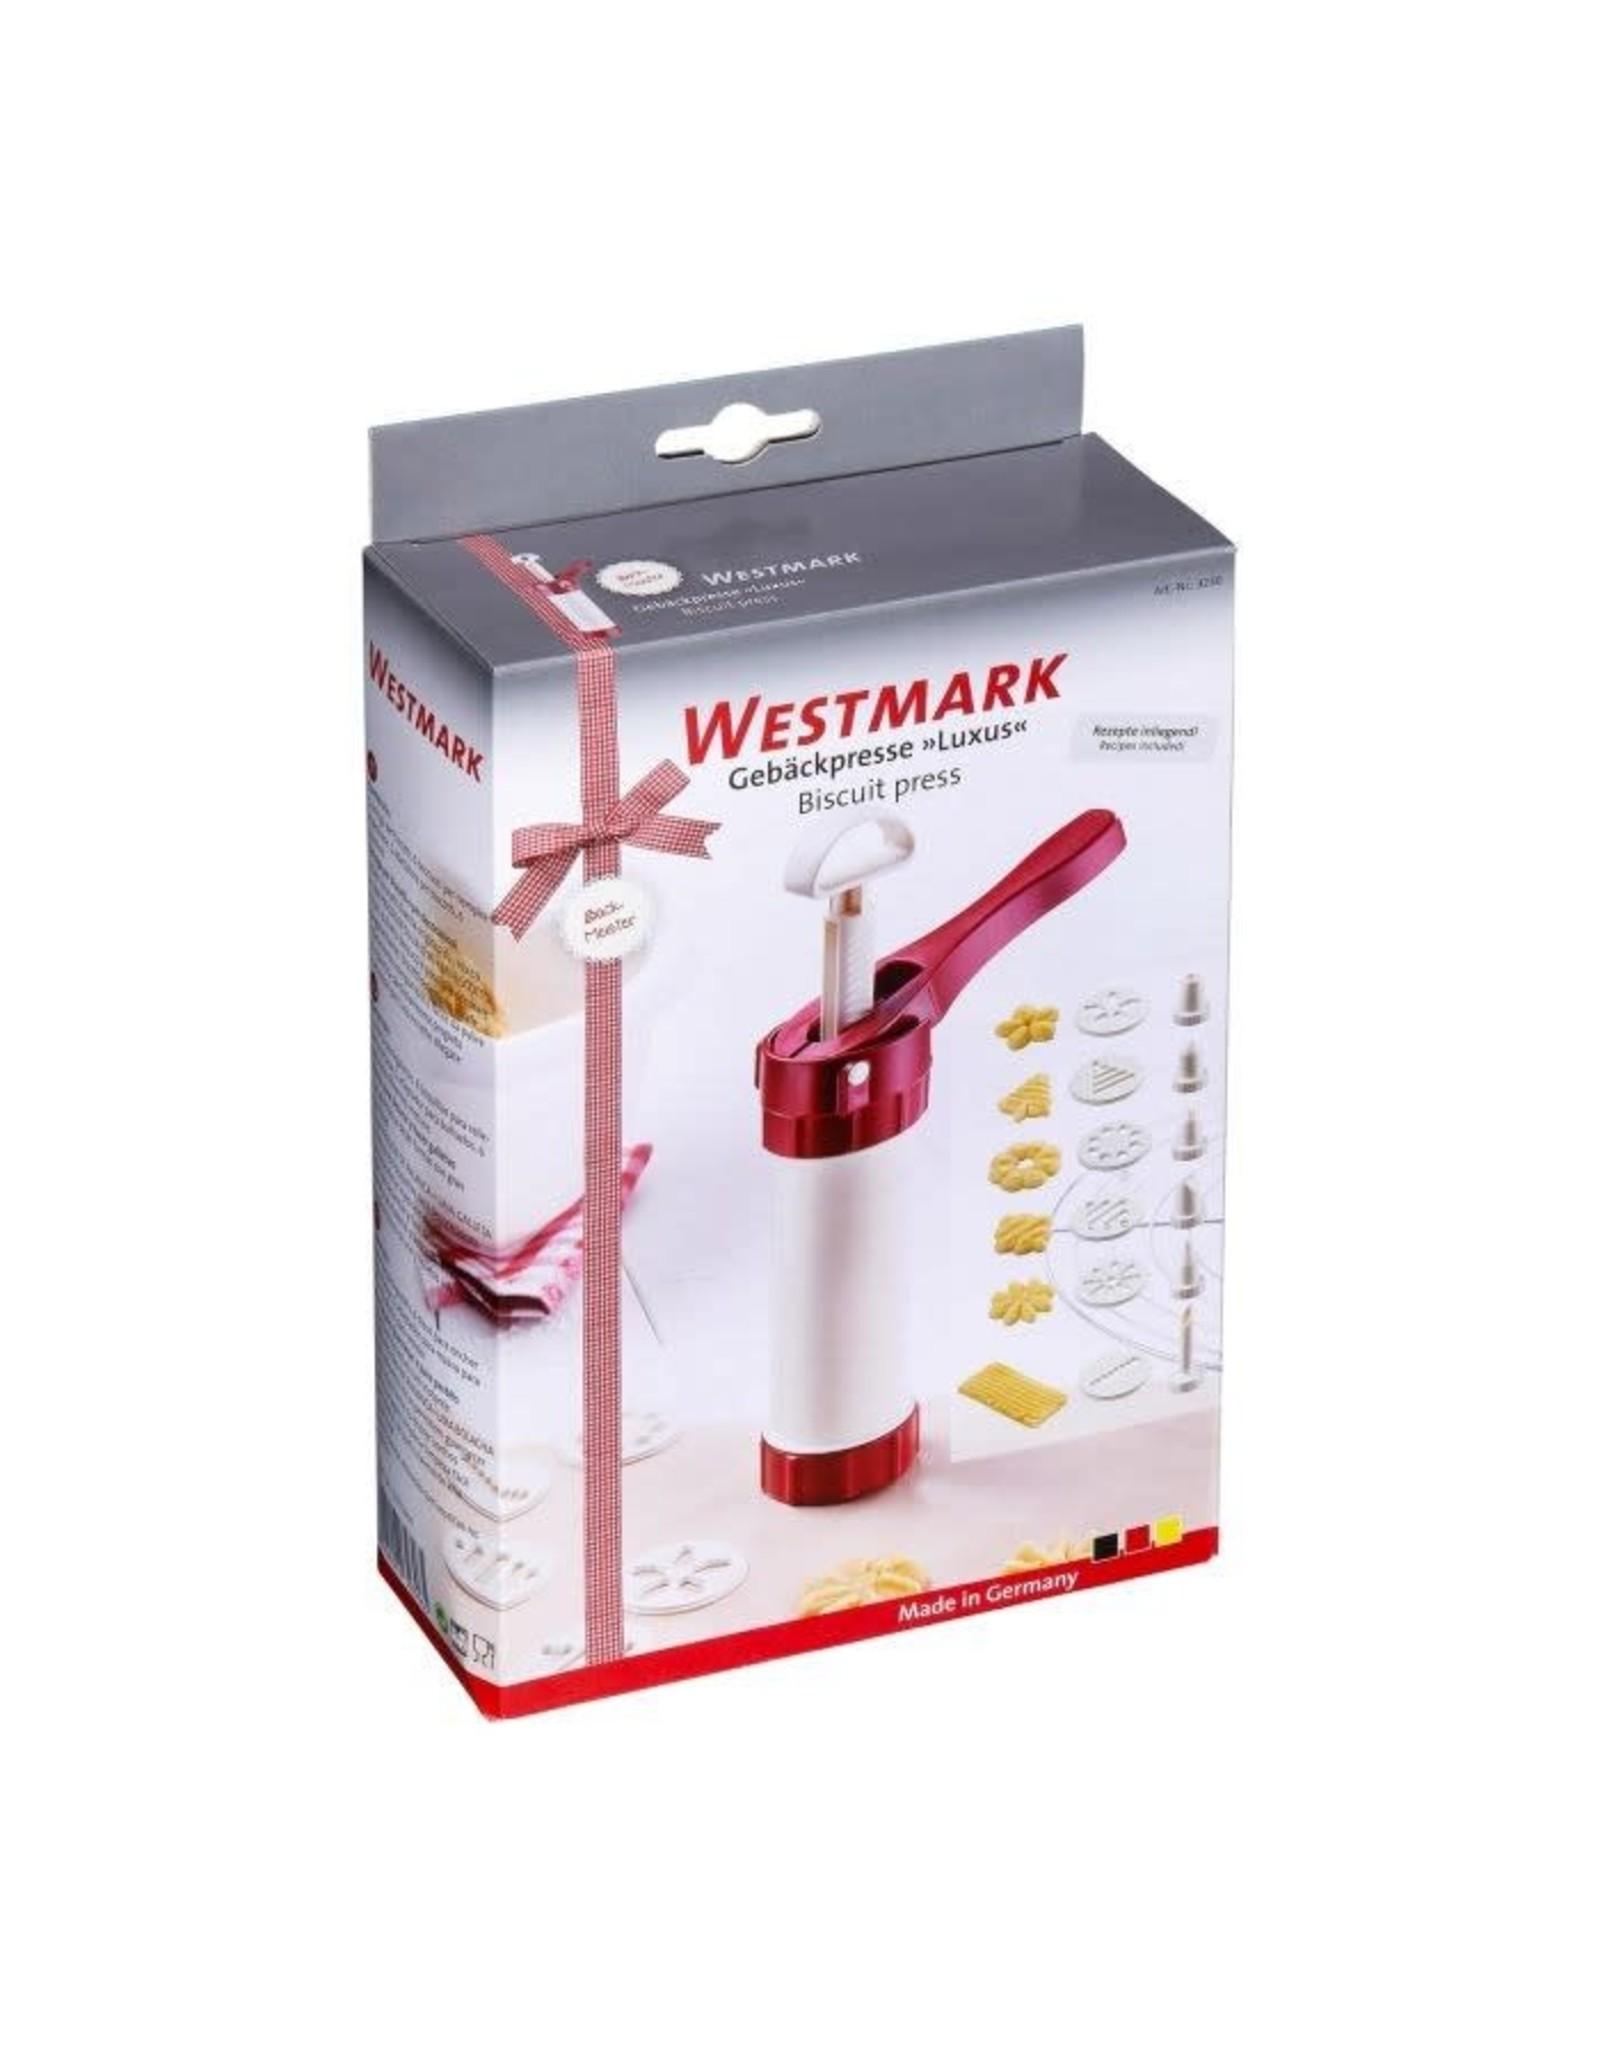 Westmark WESTMARK Cookie Press